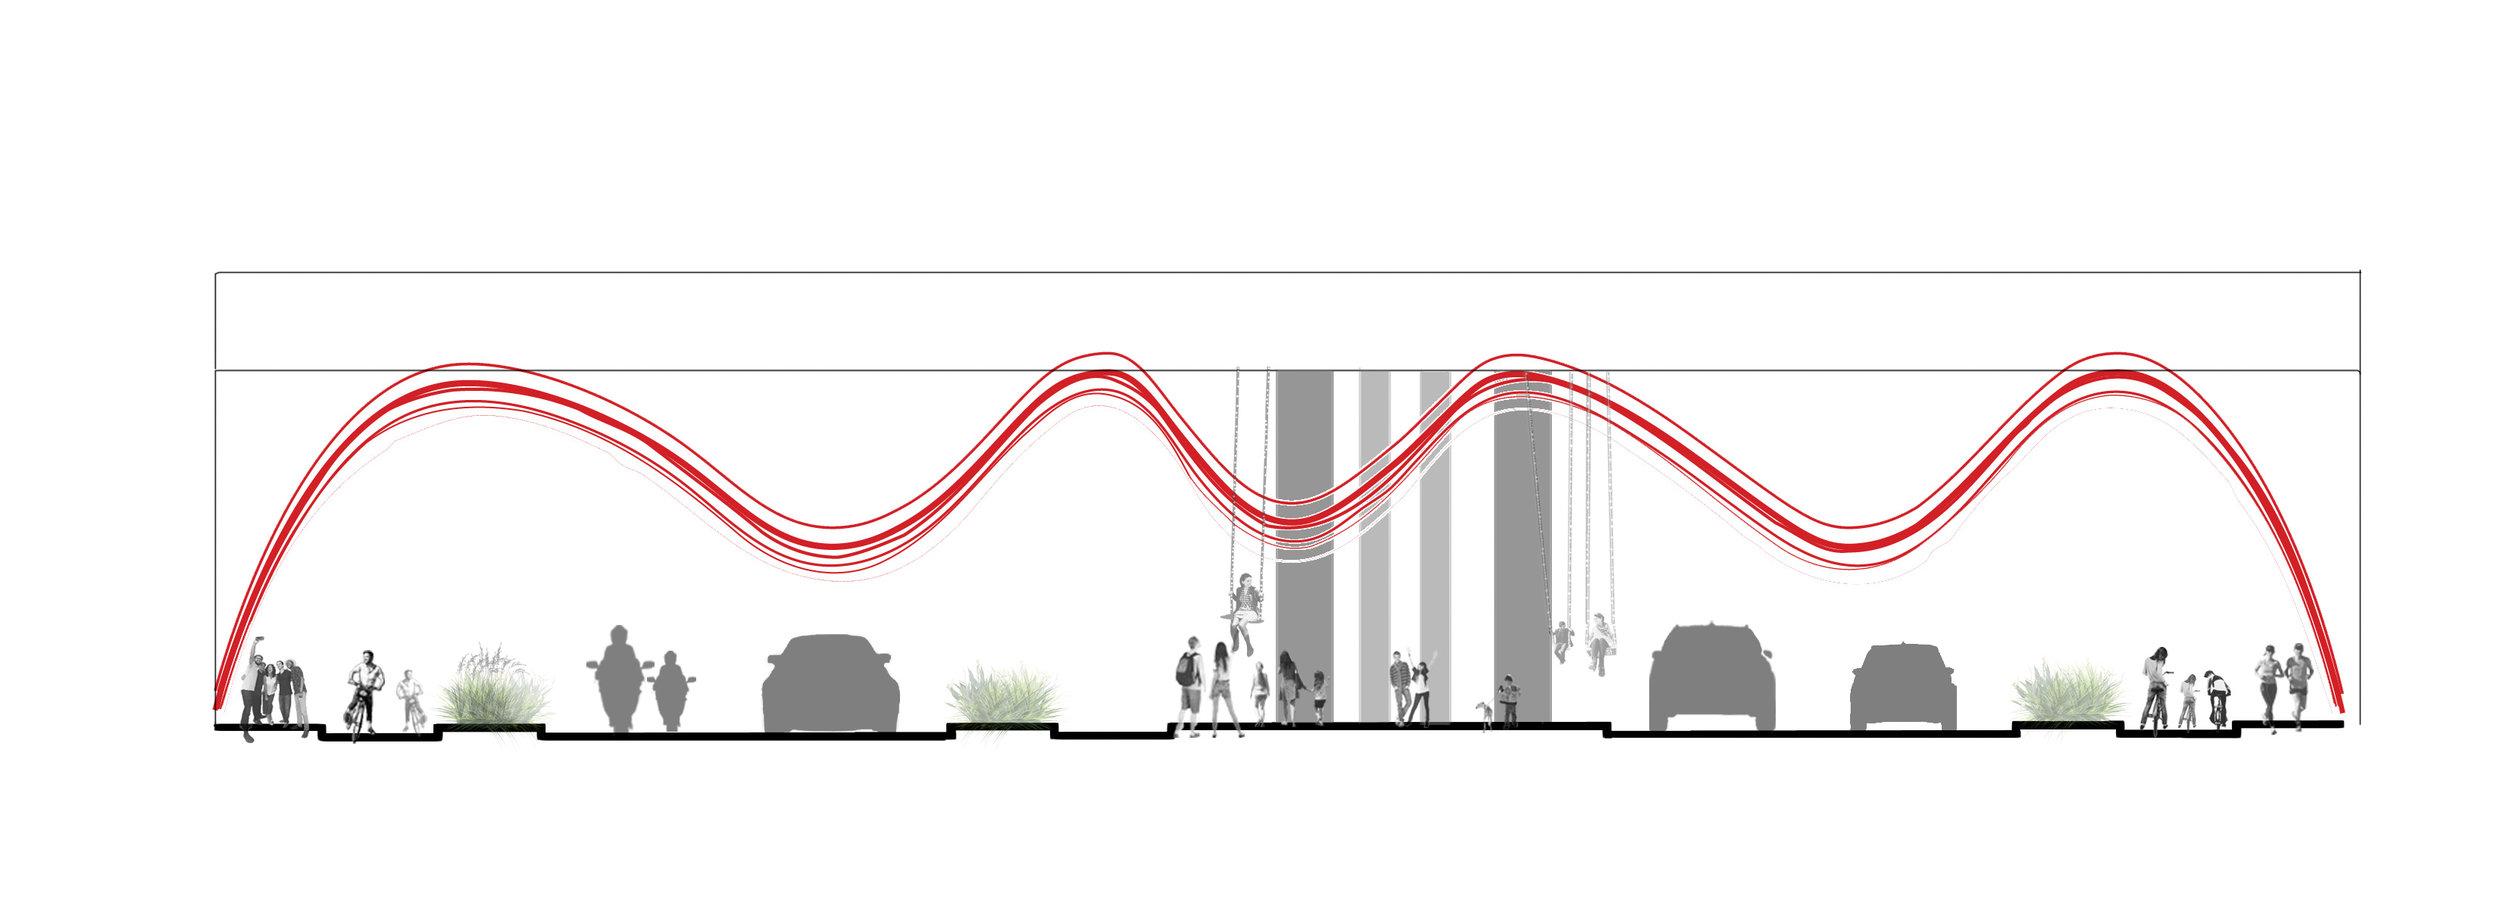 overpass section.jpg